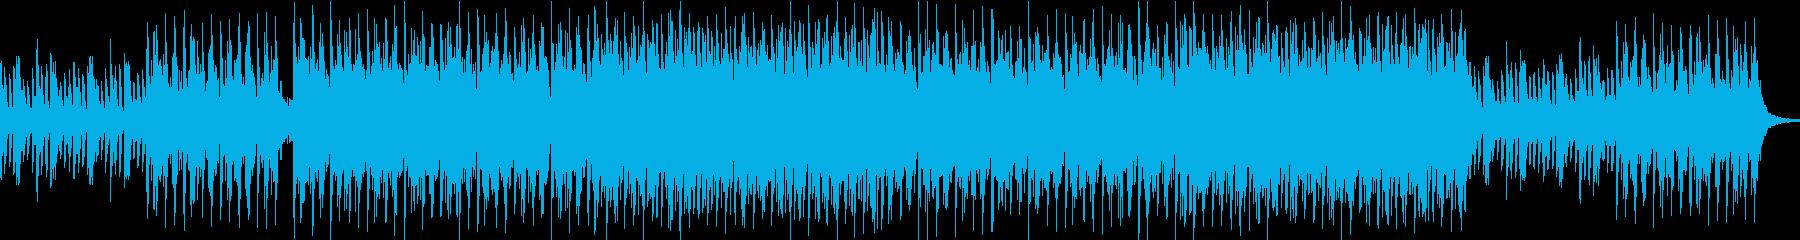 和の雰囲気が印象的なBGMの再生済みの波形